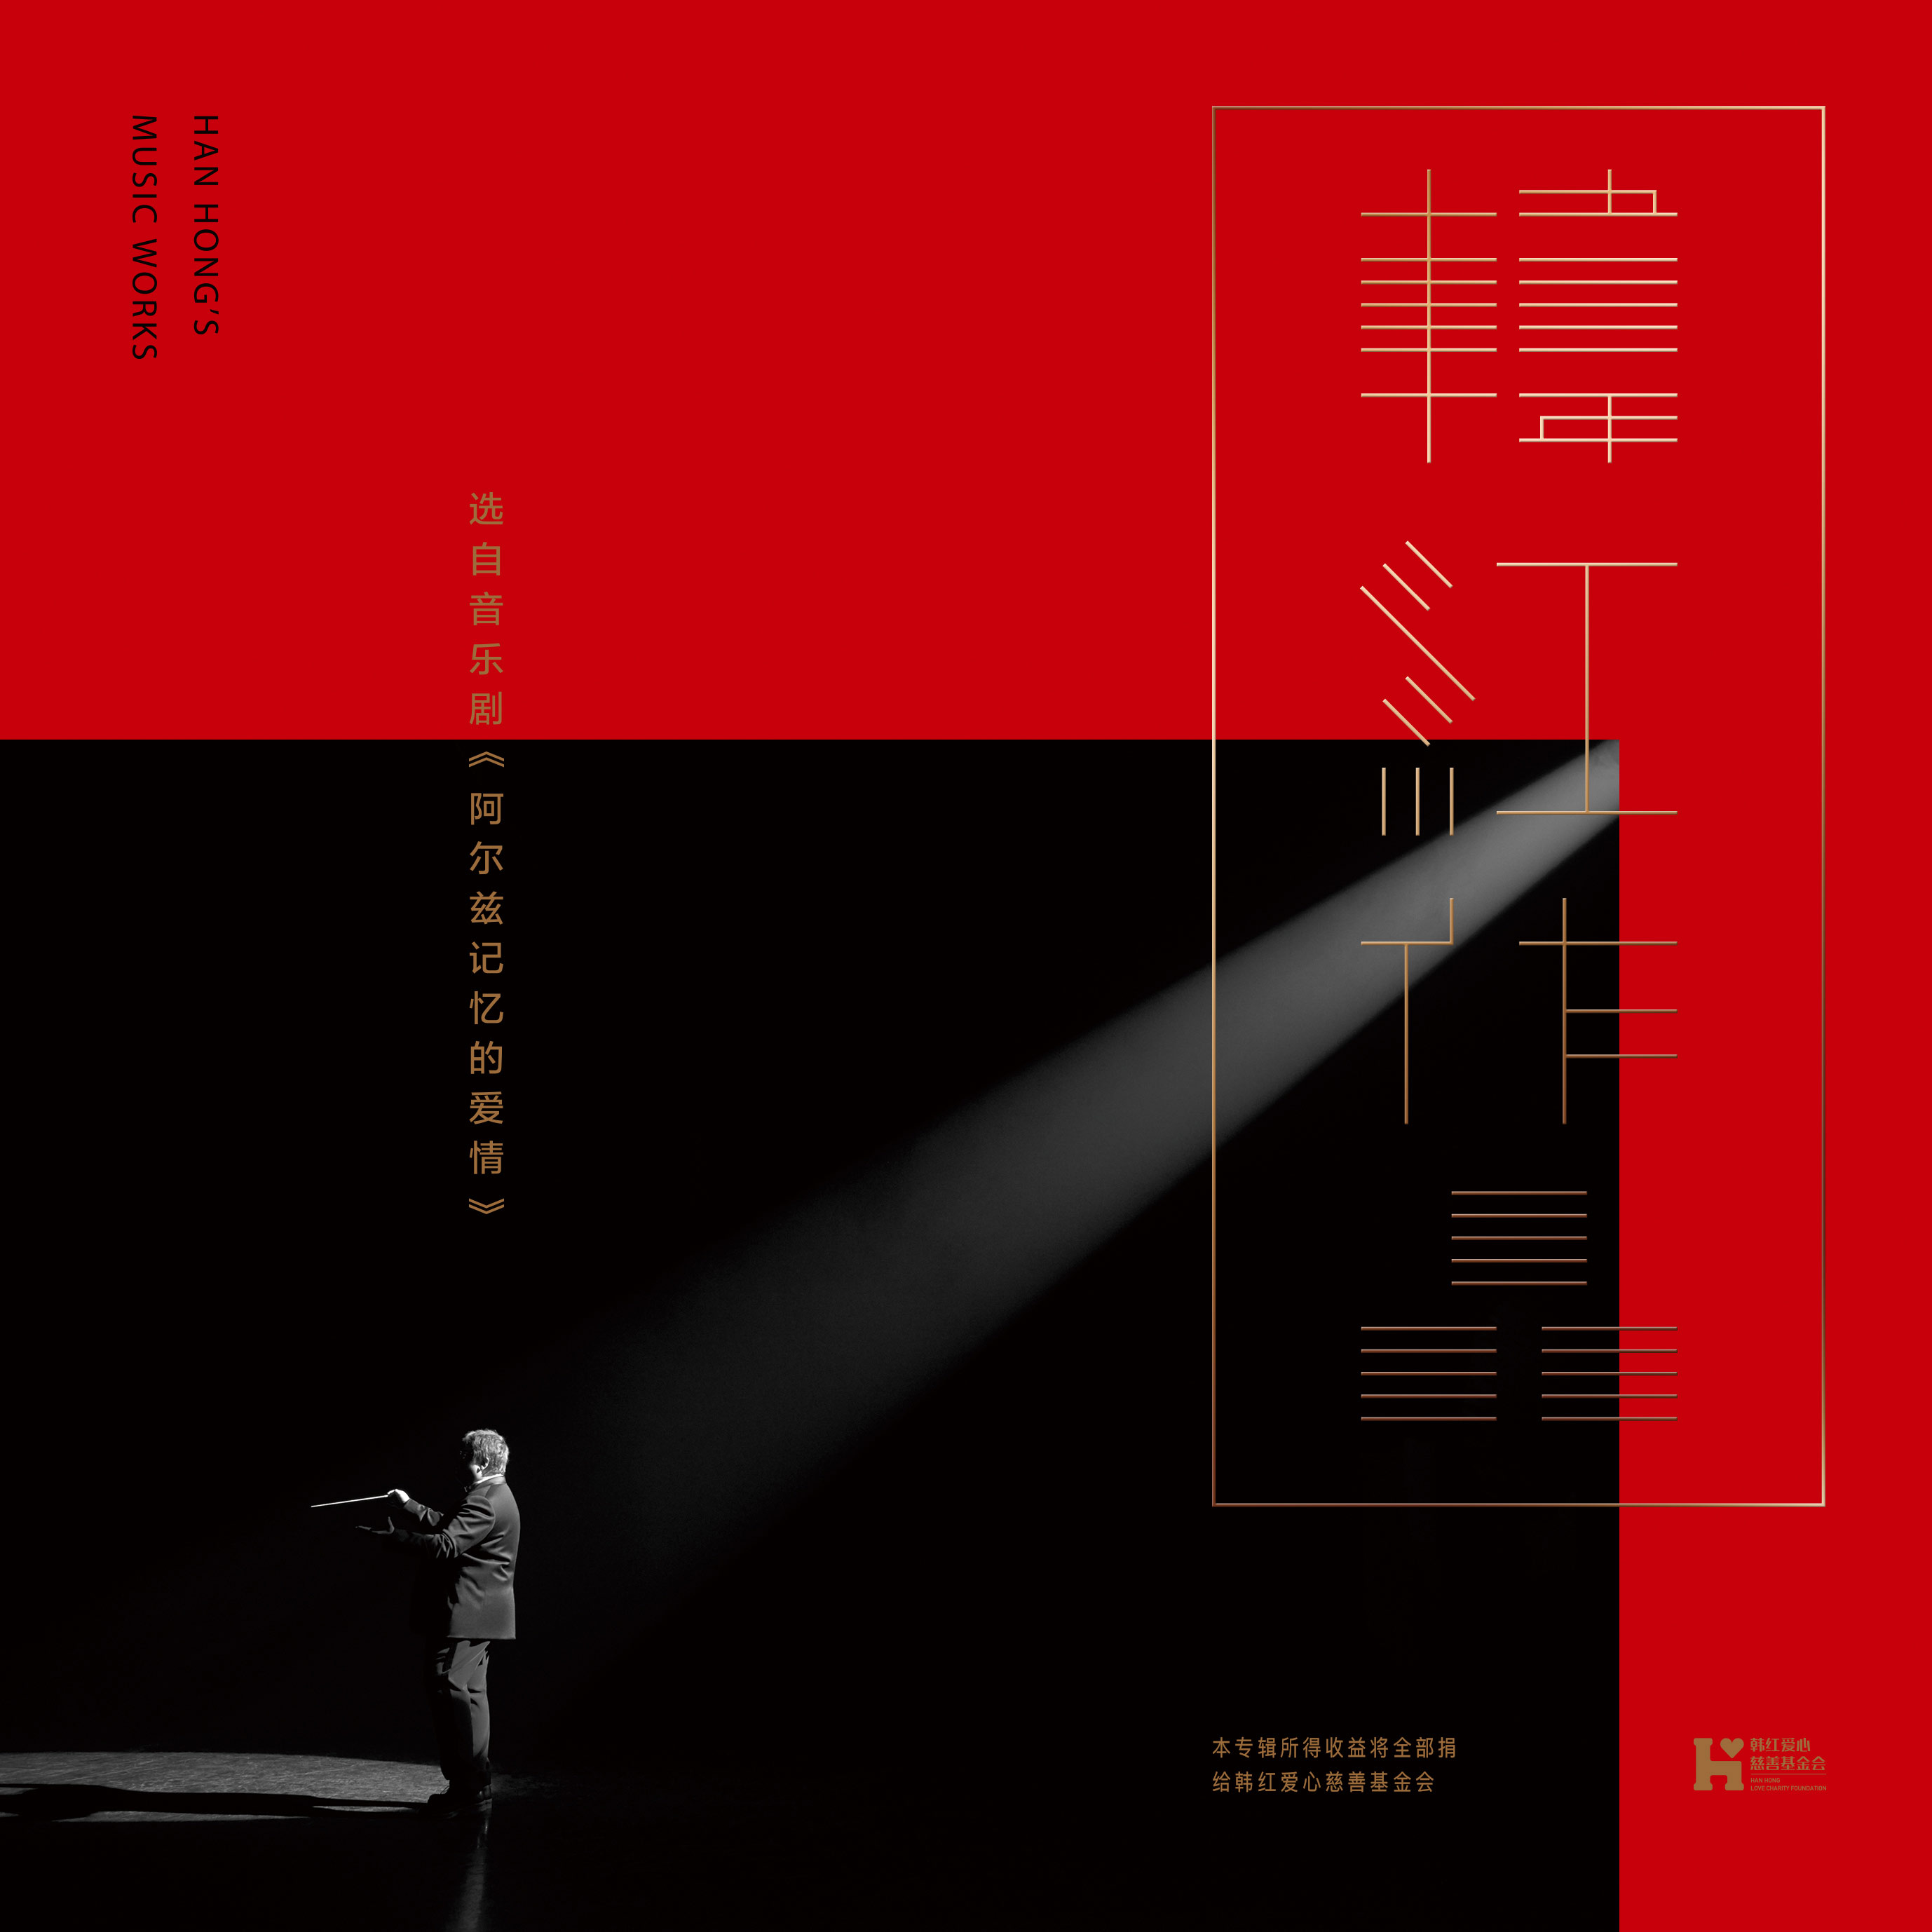 音乐剧《阿尔兹记忆的爱情》作品专辑上线.jpg